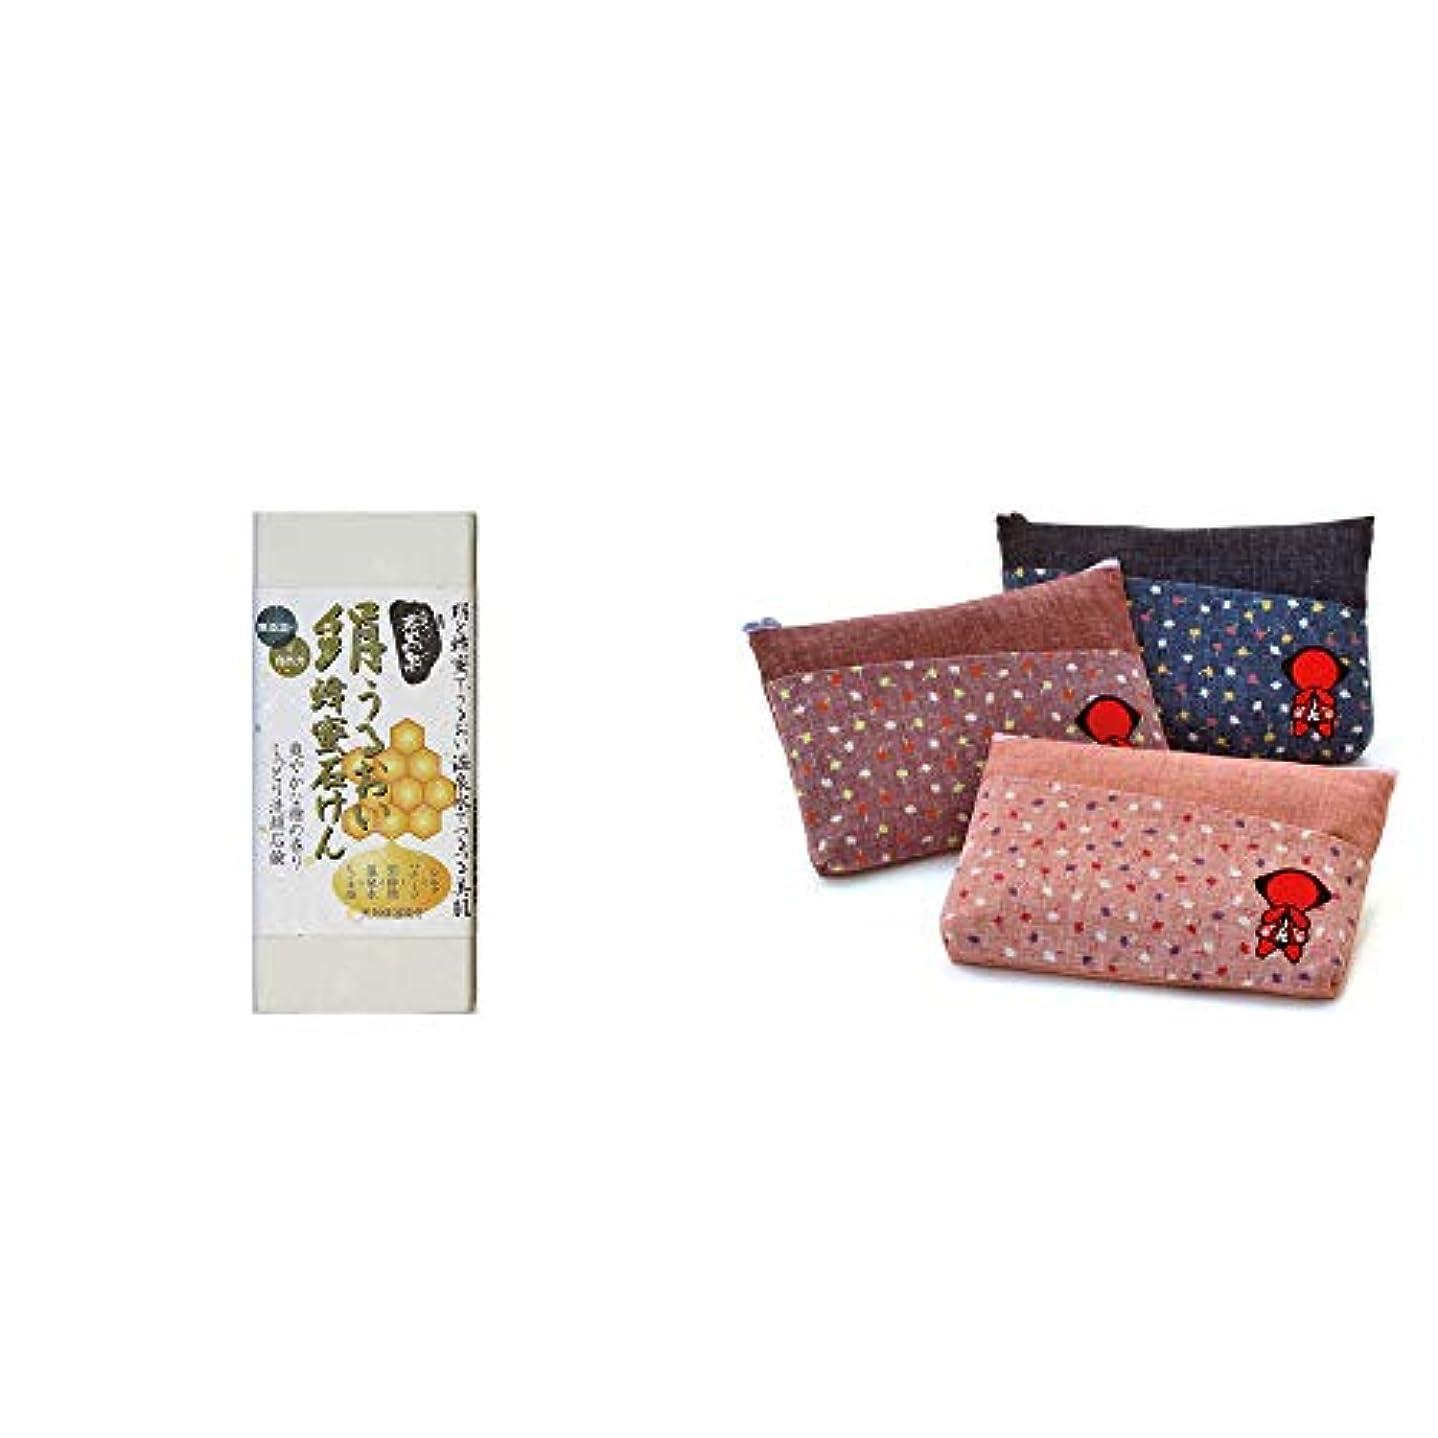 風いじめっ子合成[2点セット] ひのき炭黒泉 絹うるおい蜂蜜石けん(75g×2)?おねがいさるぼぼ ポーチ(大) 【ピンク】